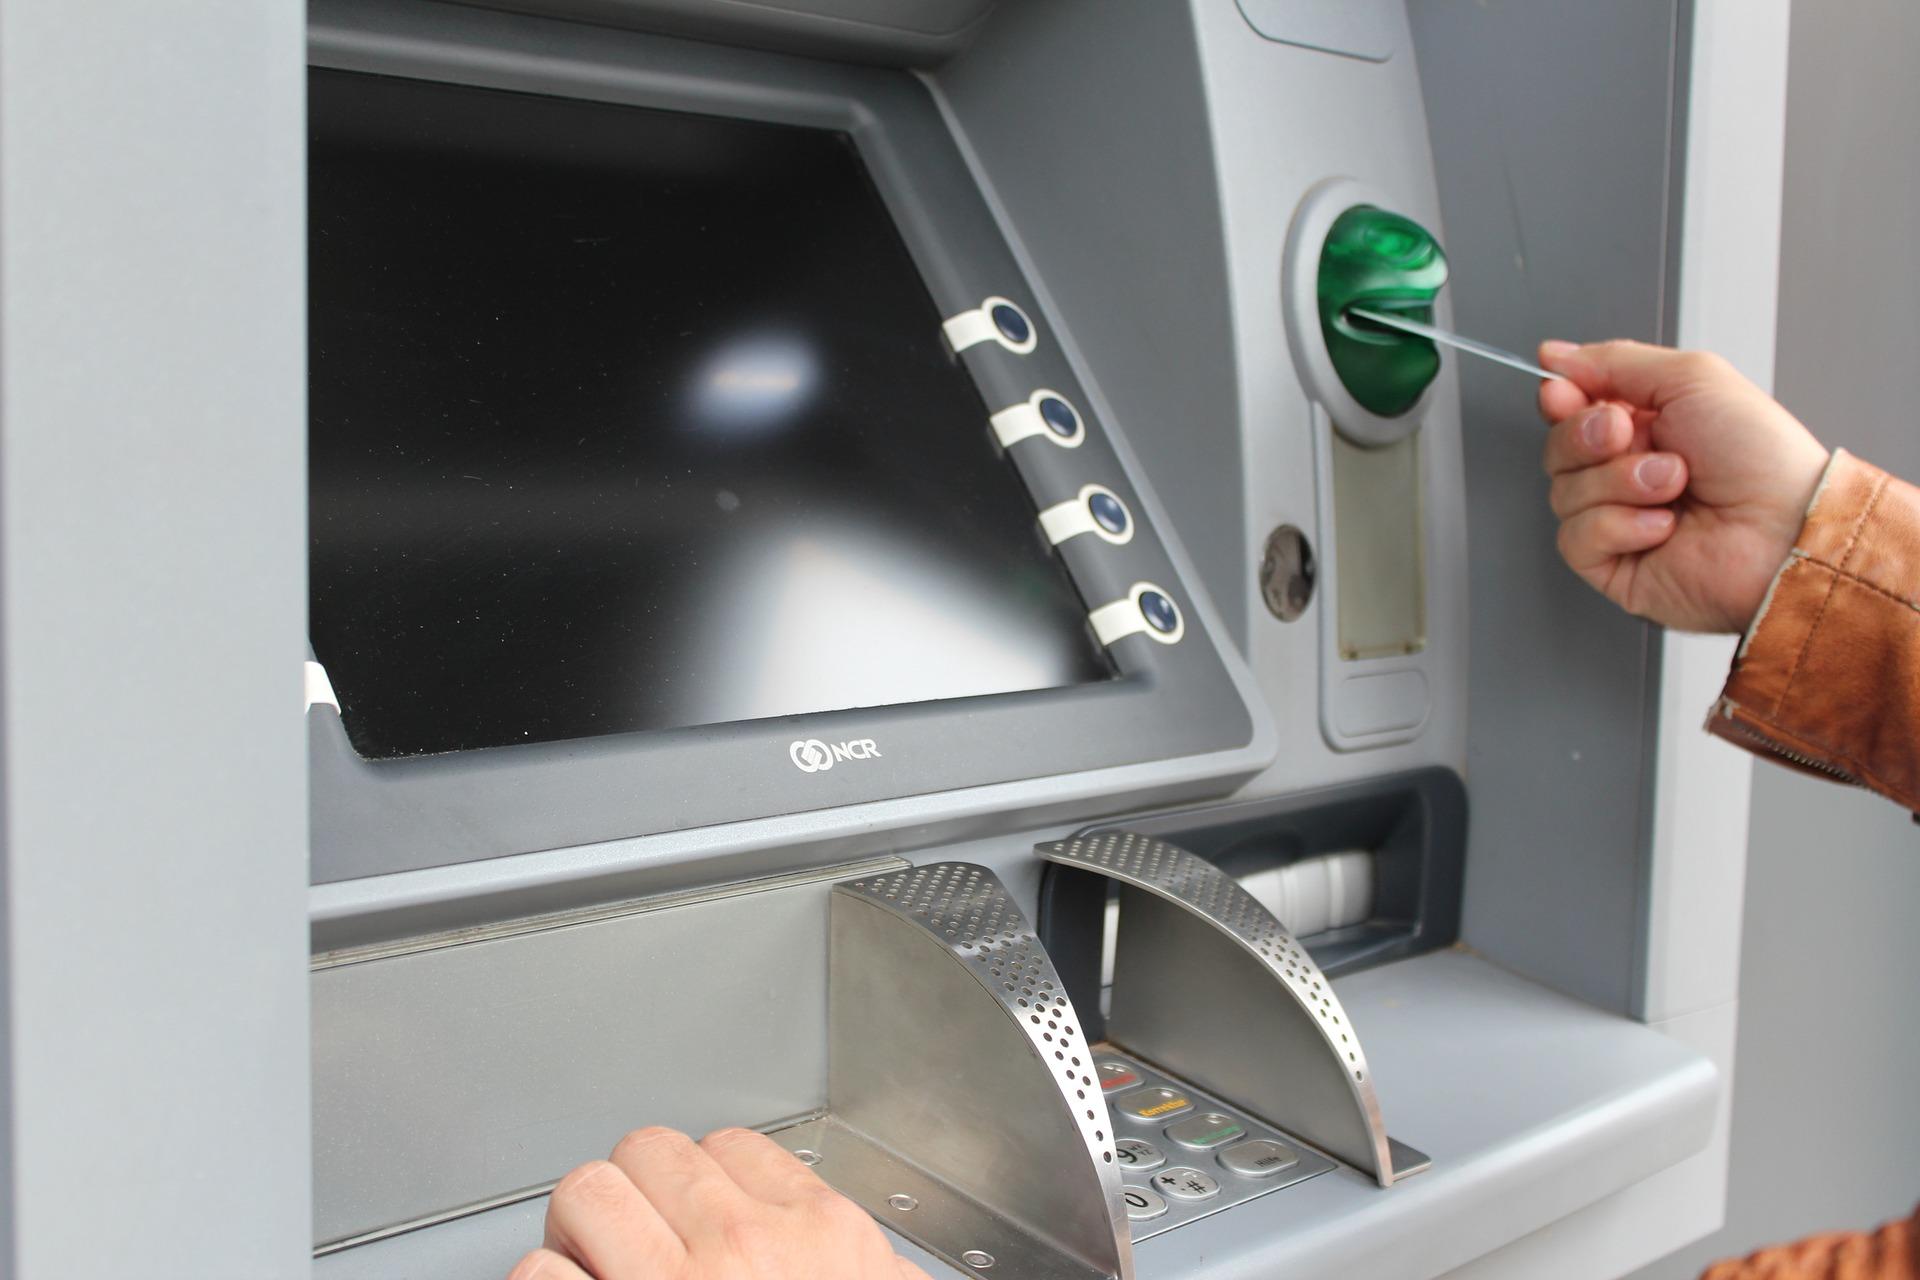 Thẻ ngân hàng bị khóa